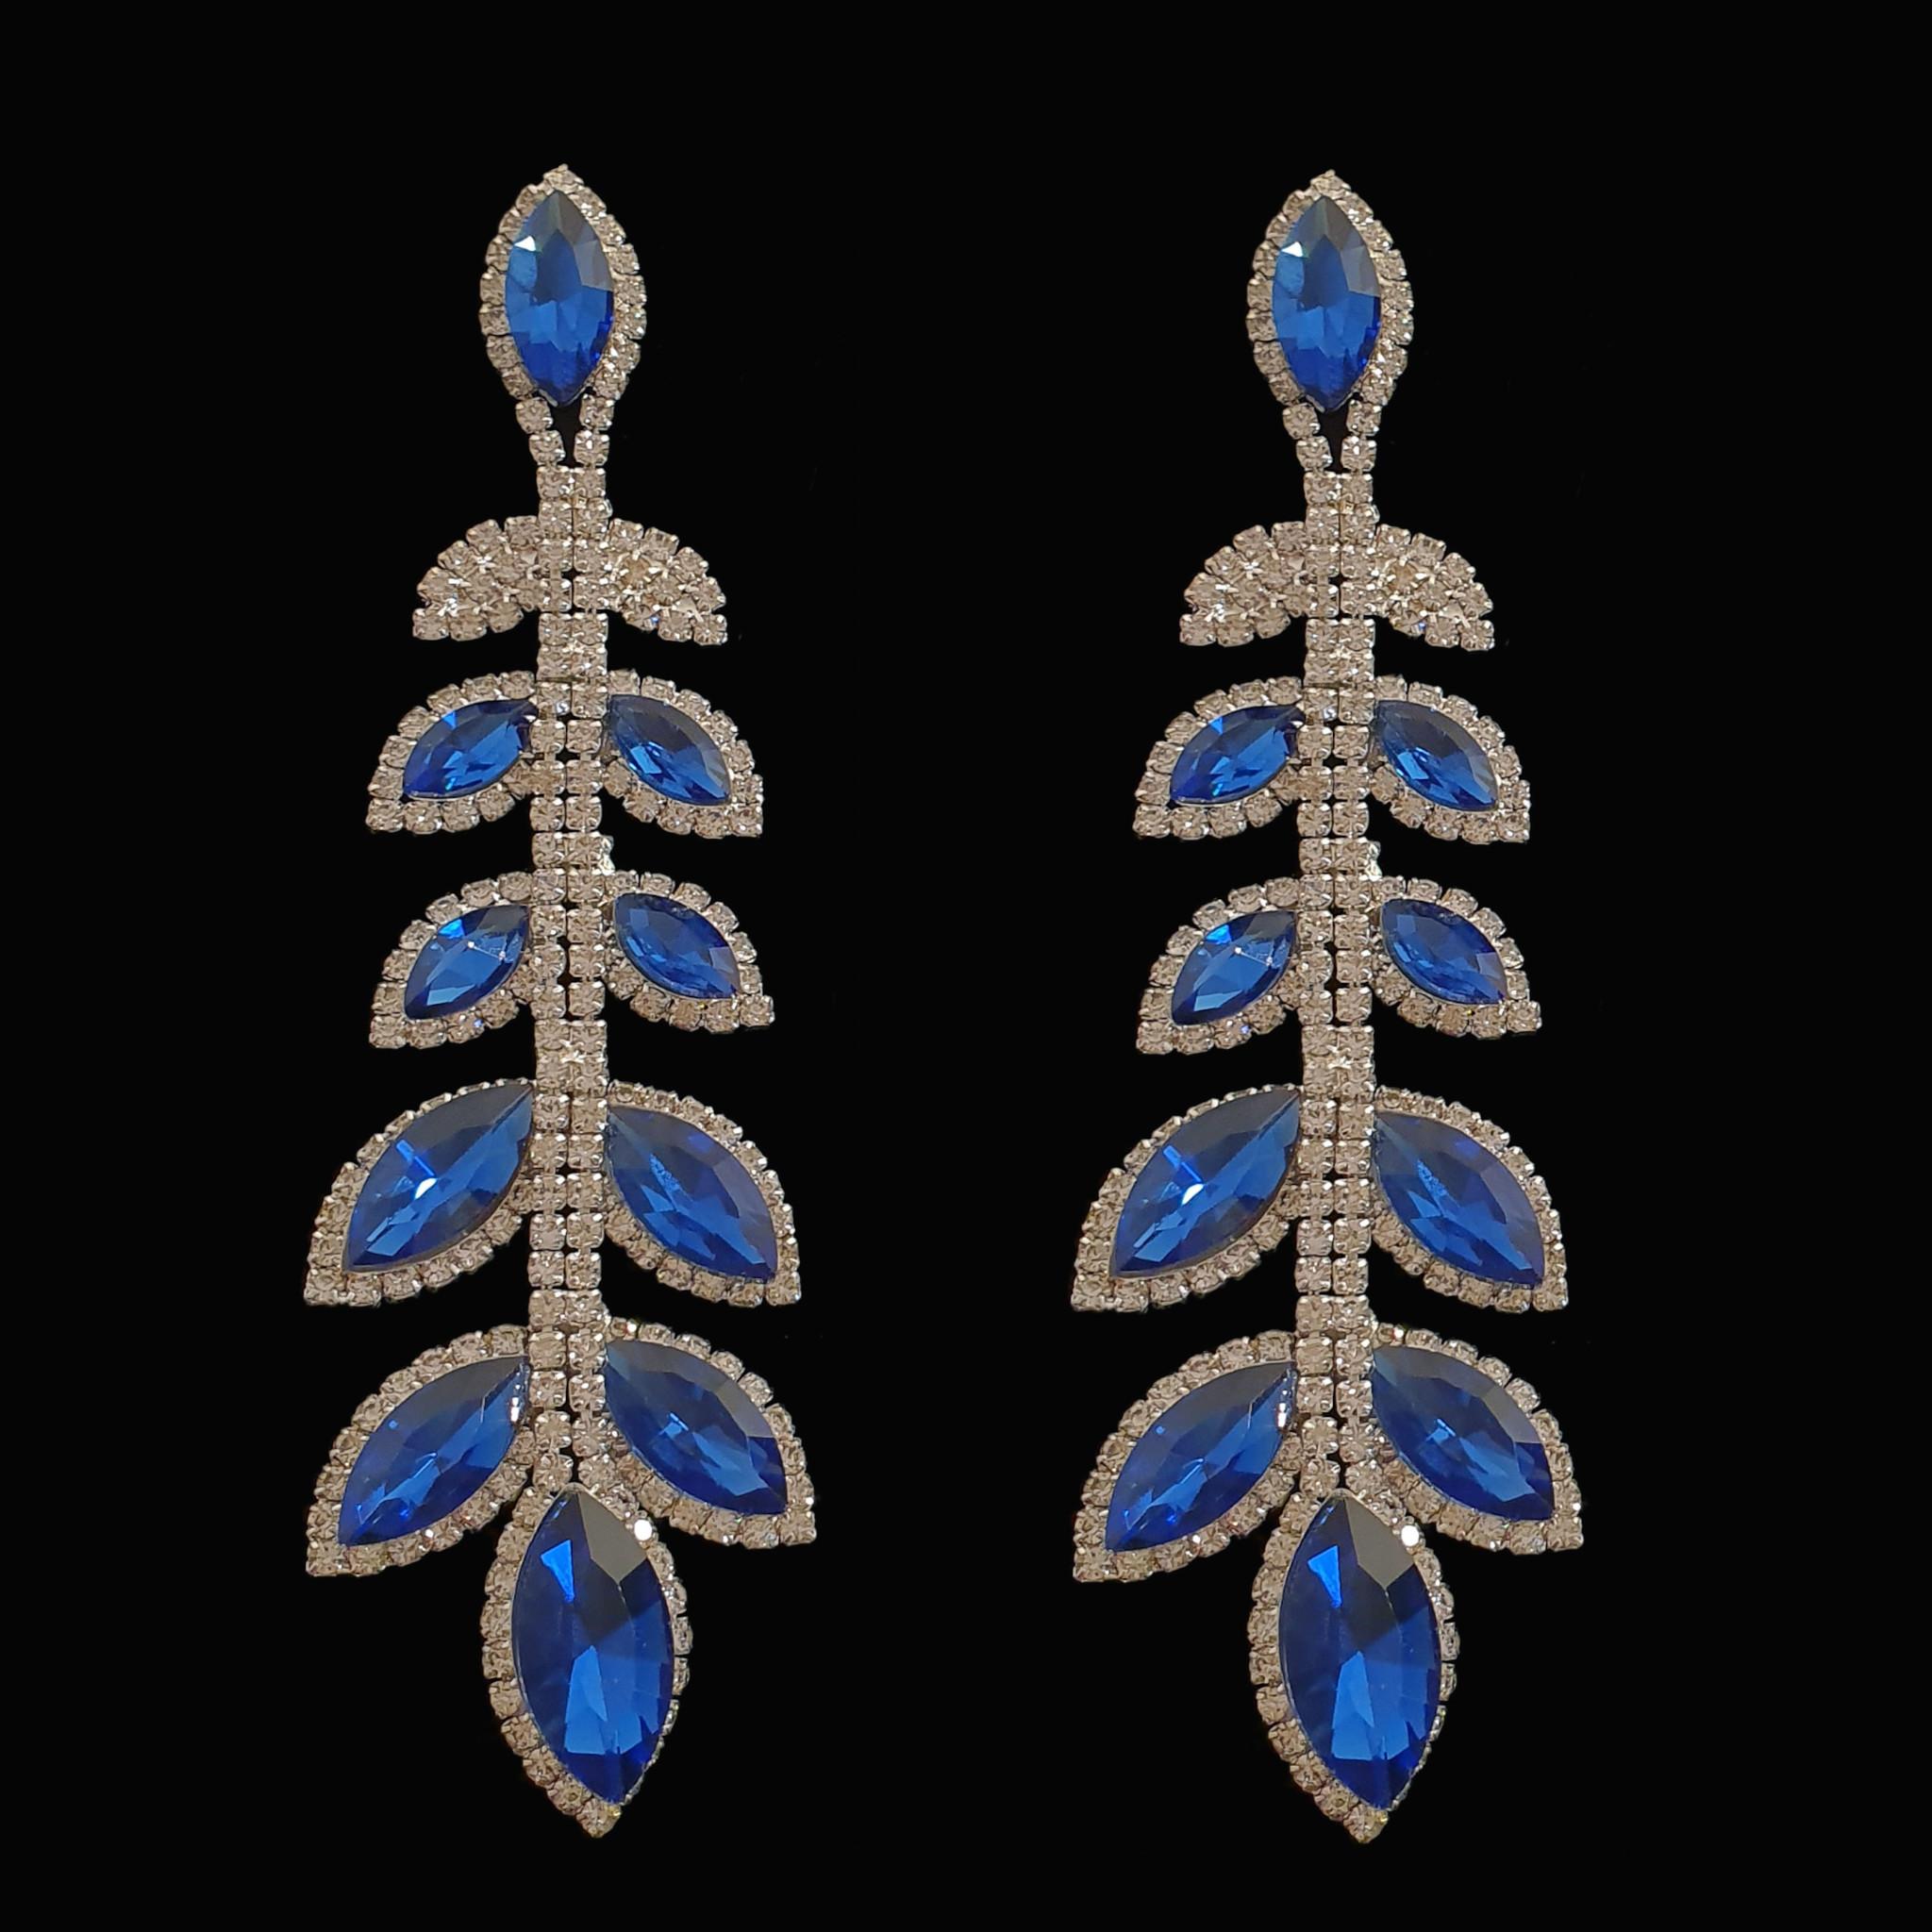 blauwe oorbellen - Shayla